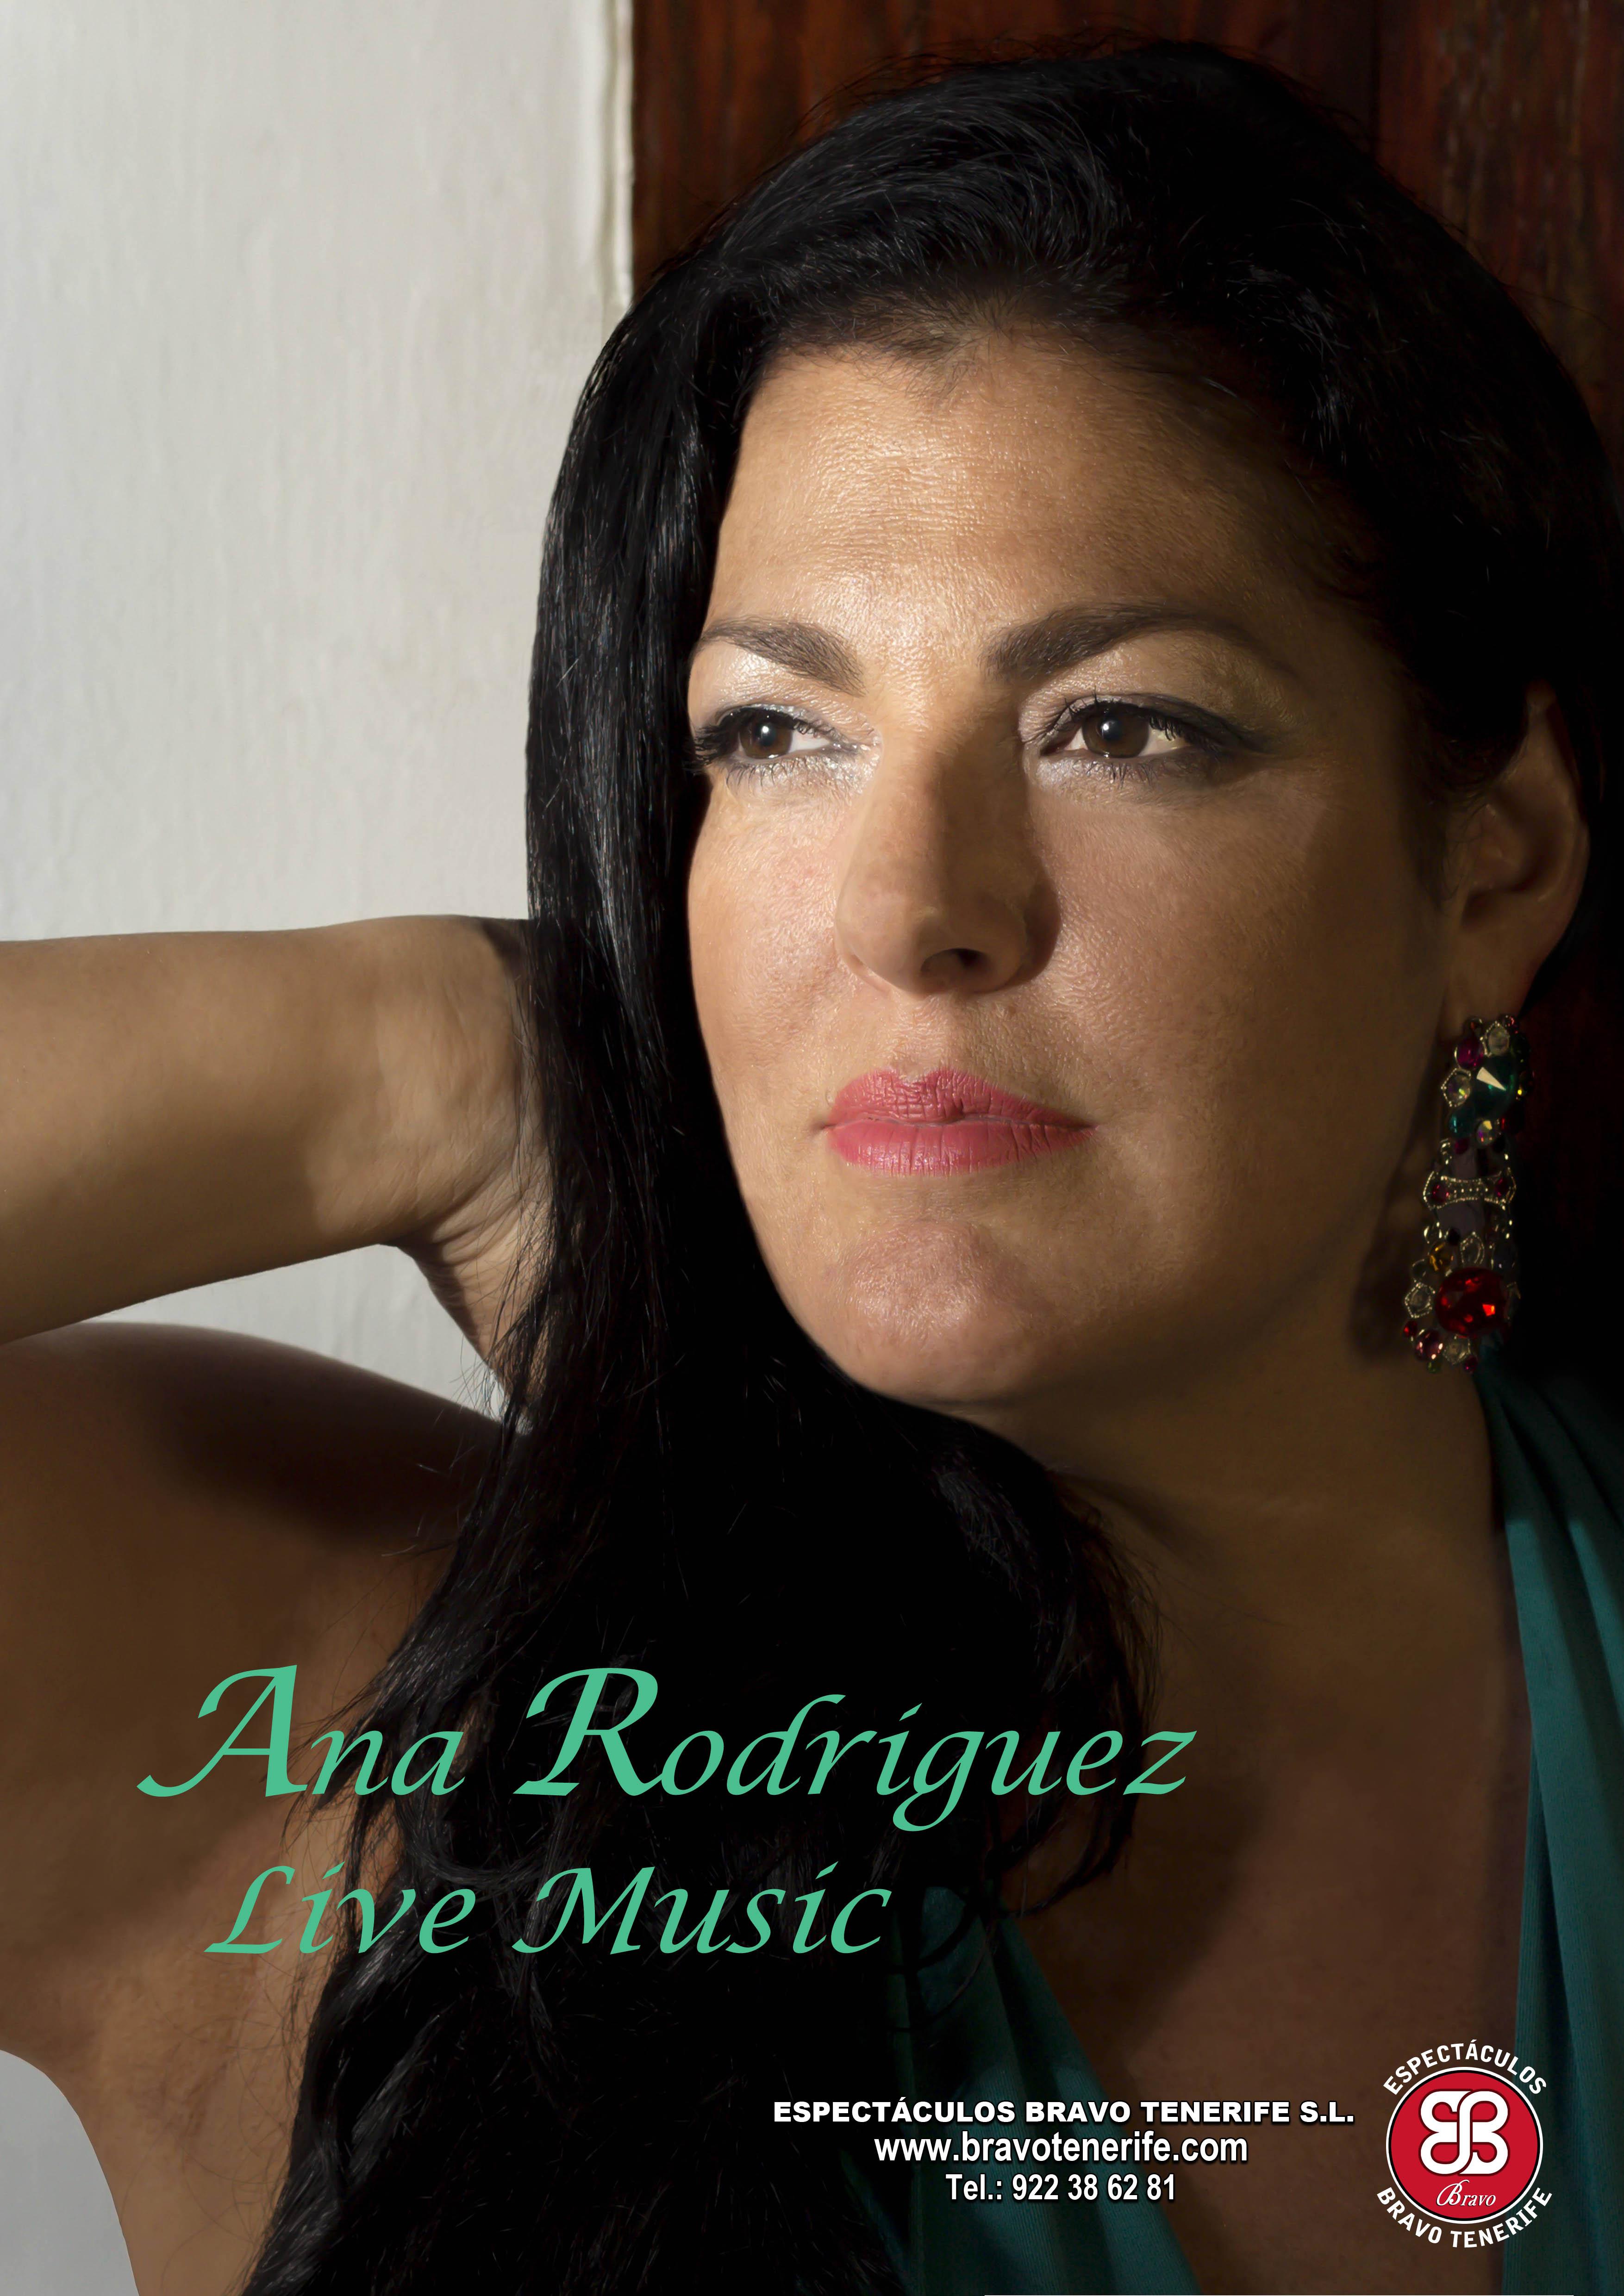 Ana Rodriguez Bravo